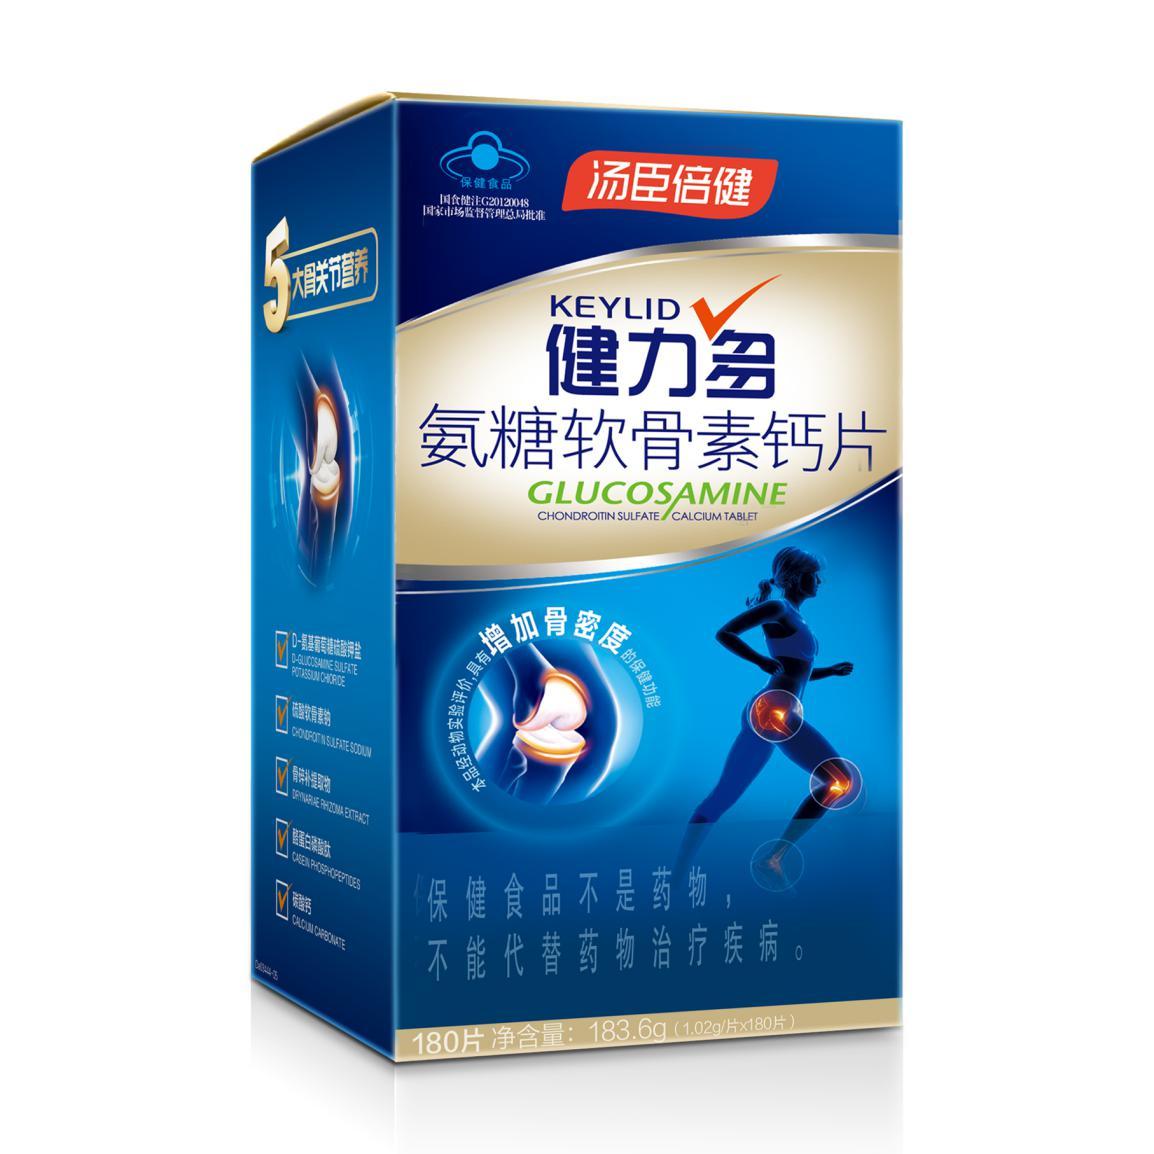 DA03444-06汤臣倍健健力多氨糖软骨素钙片180片彩盒装(1)